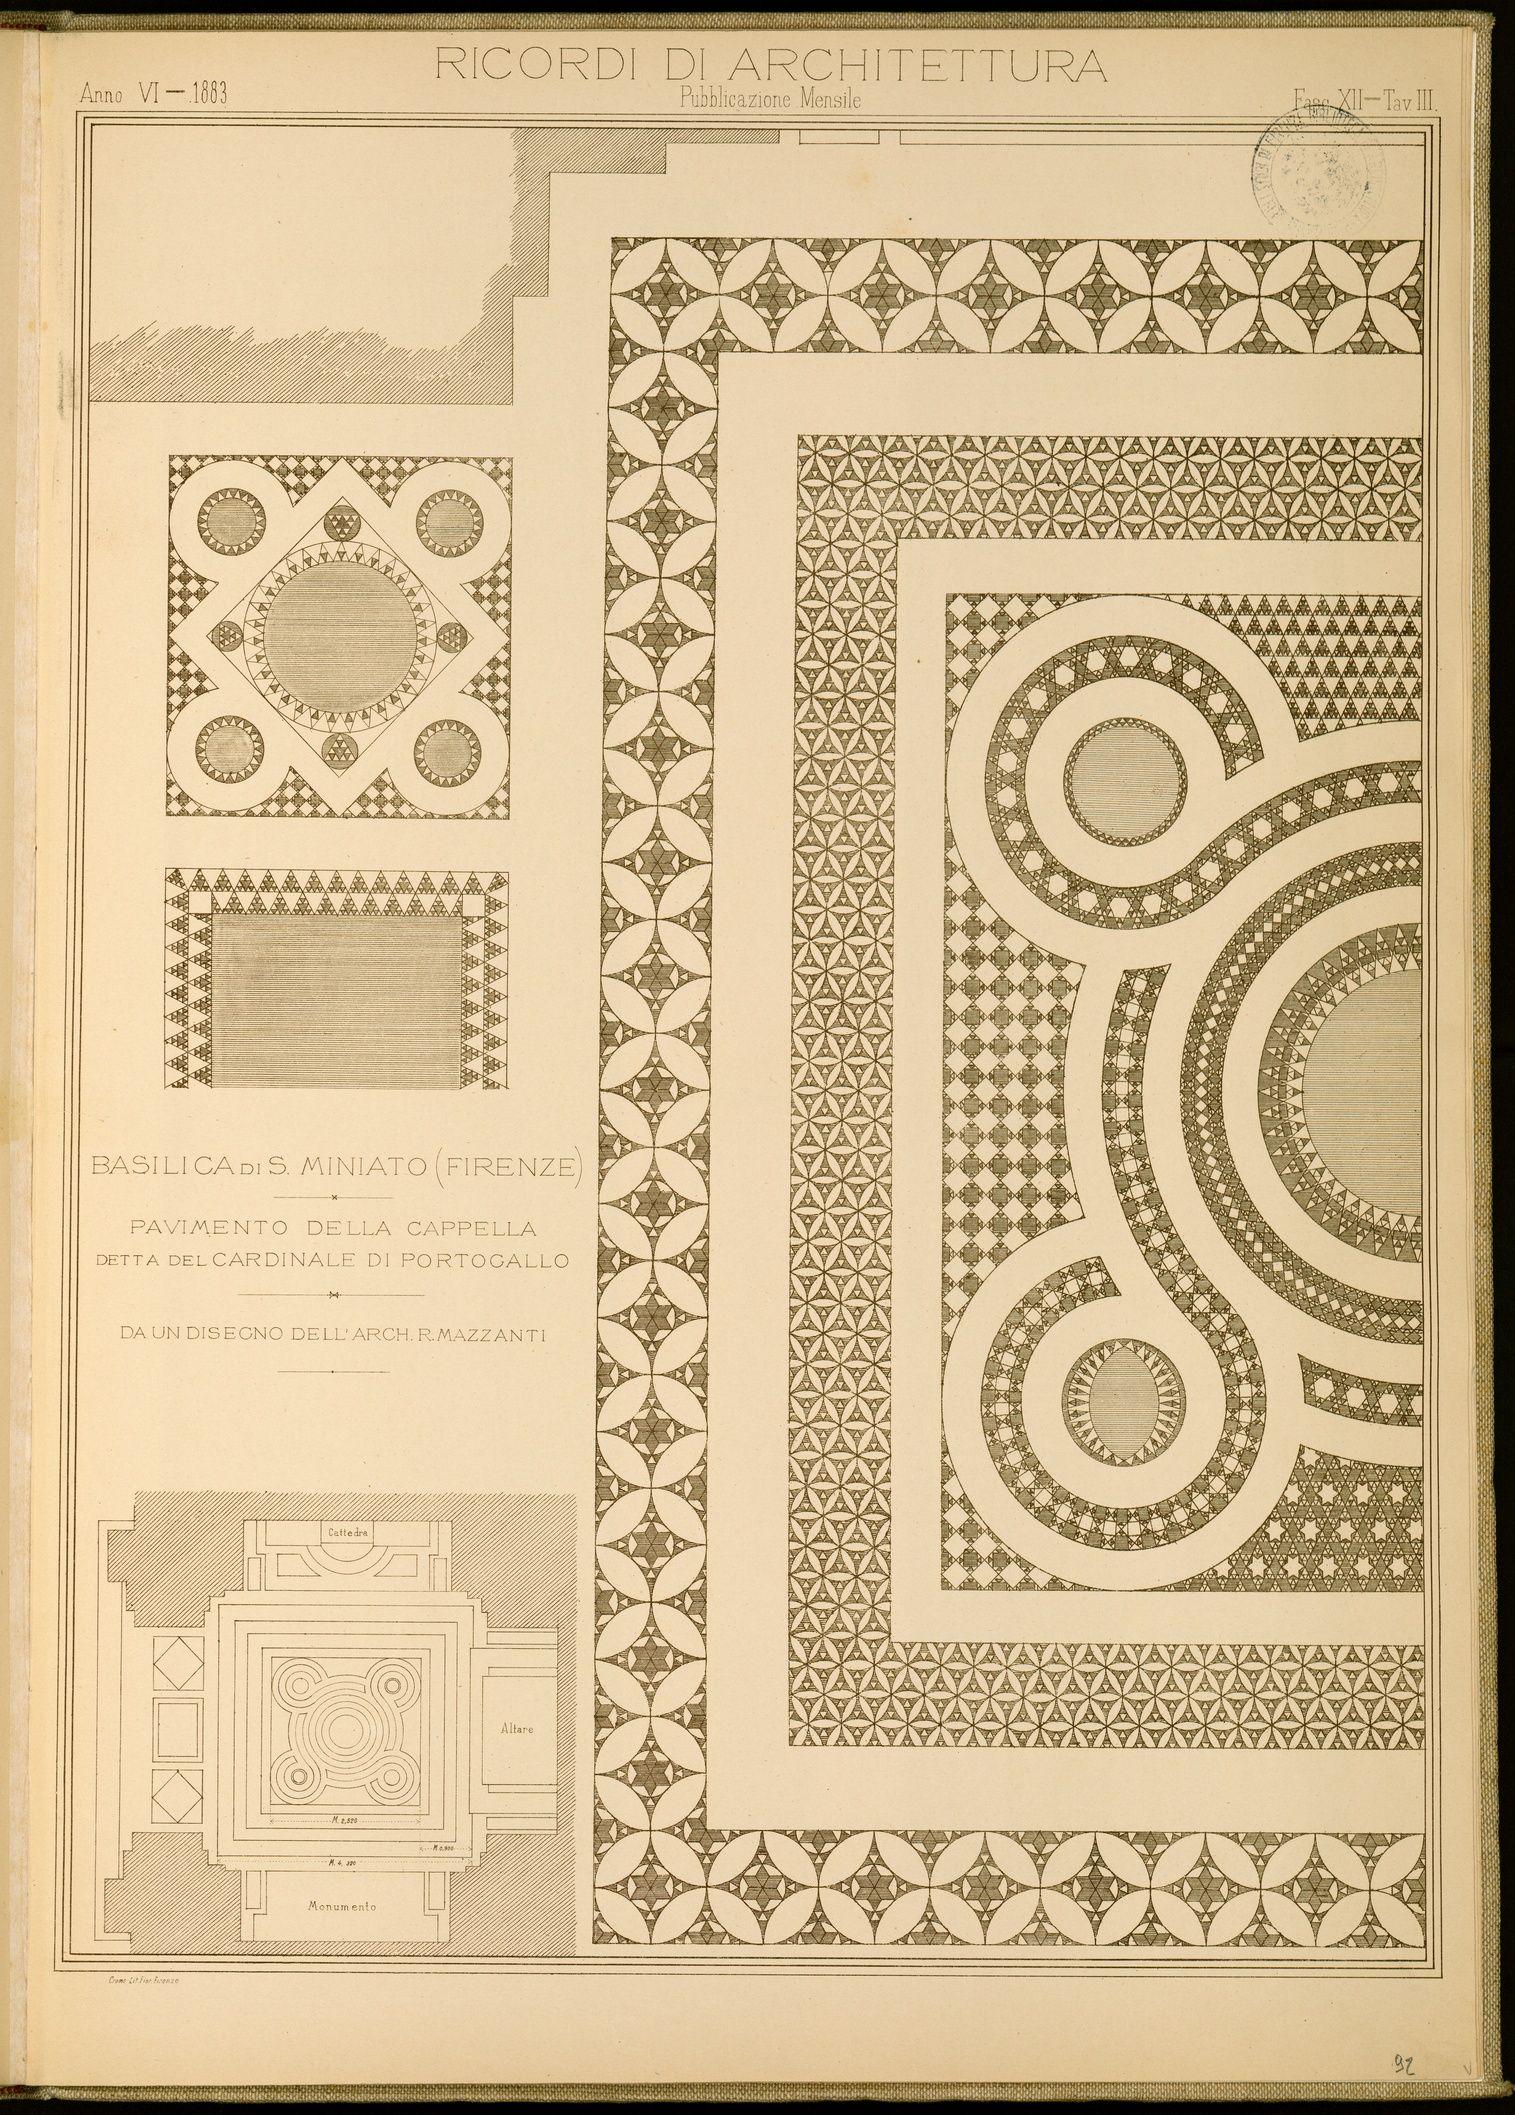 Basilica di s miniato firenze pavimento della cappella for Strumento di progettazione del layout del pavimento